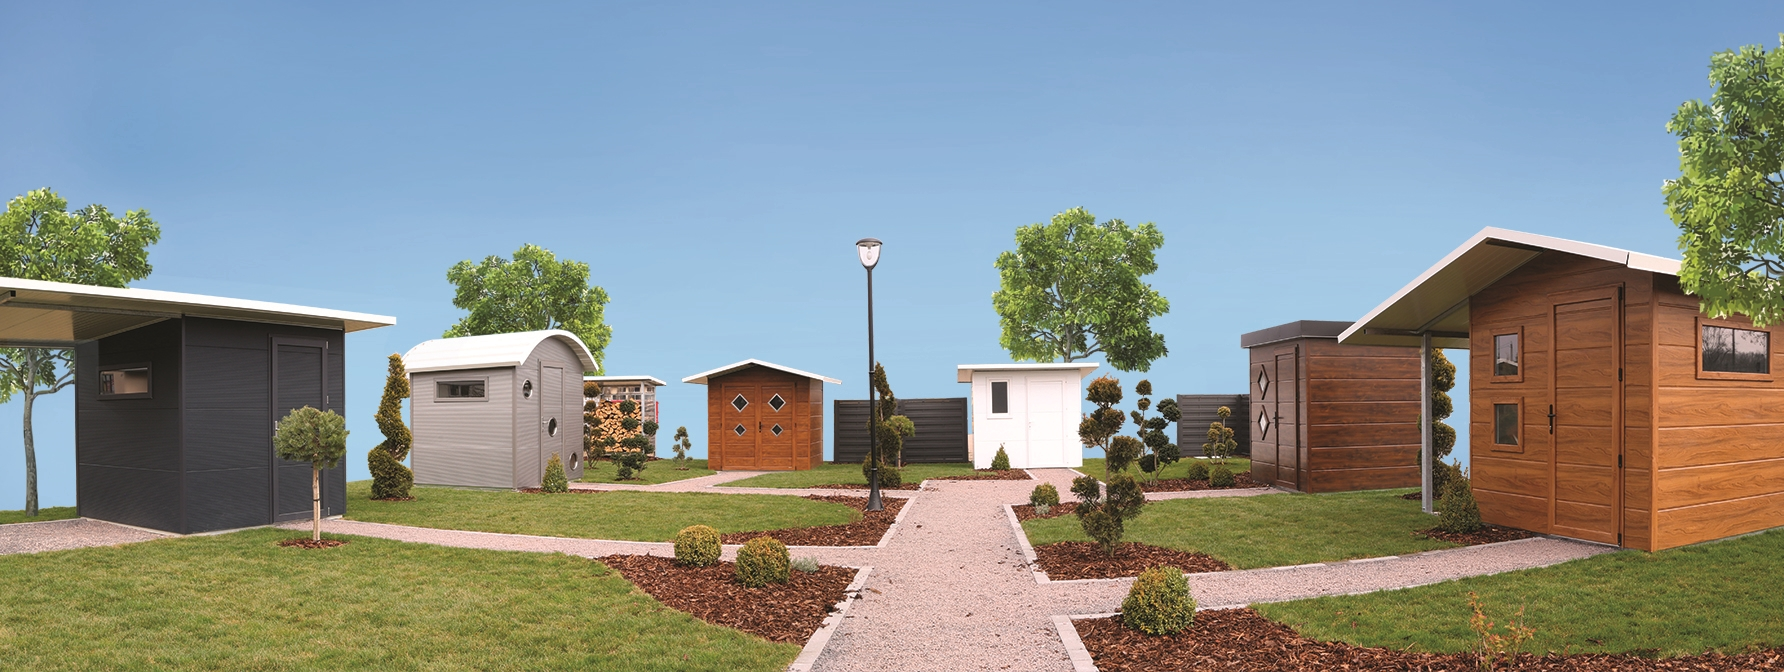 Pavillons de jardin trendel fabriquants de fen tres pvc for Fenetre qui s ouvre vers l exterieur